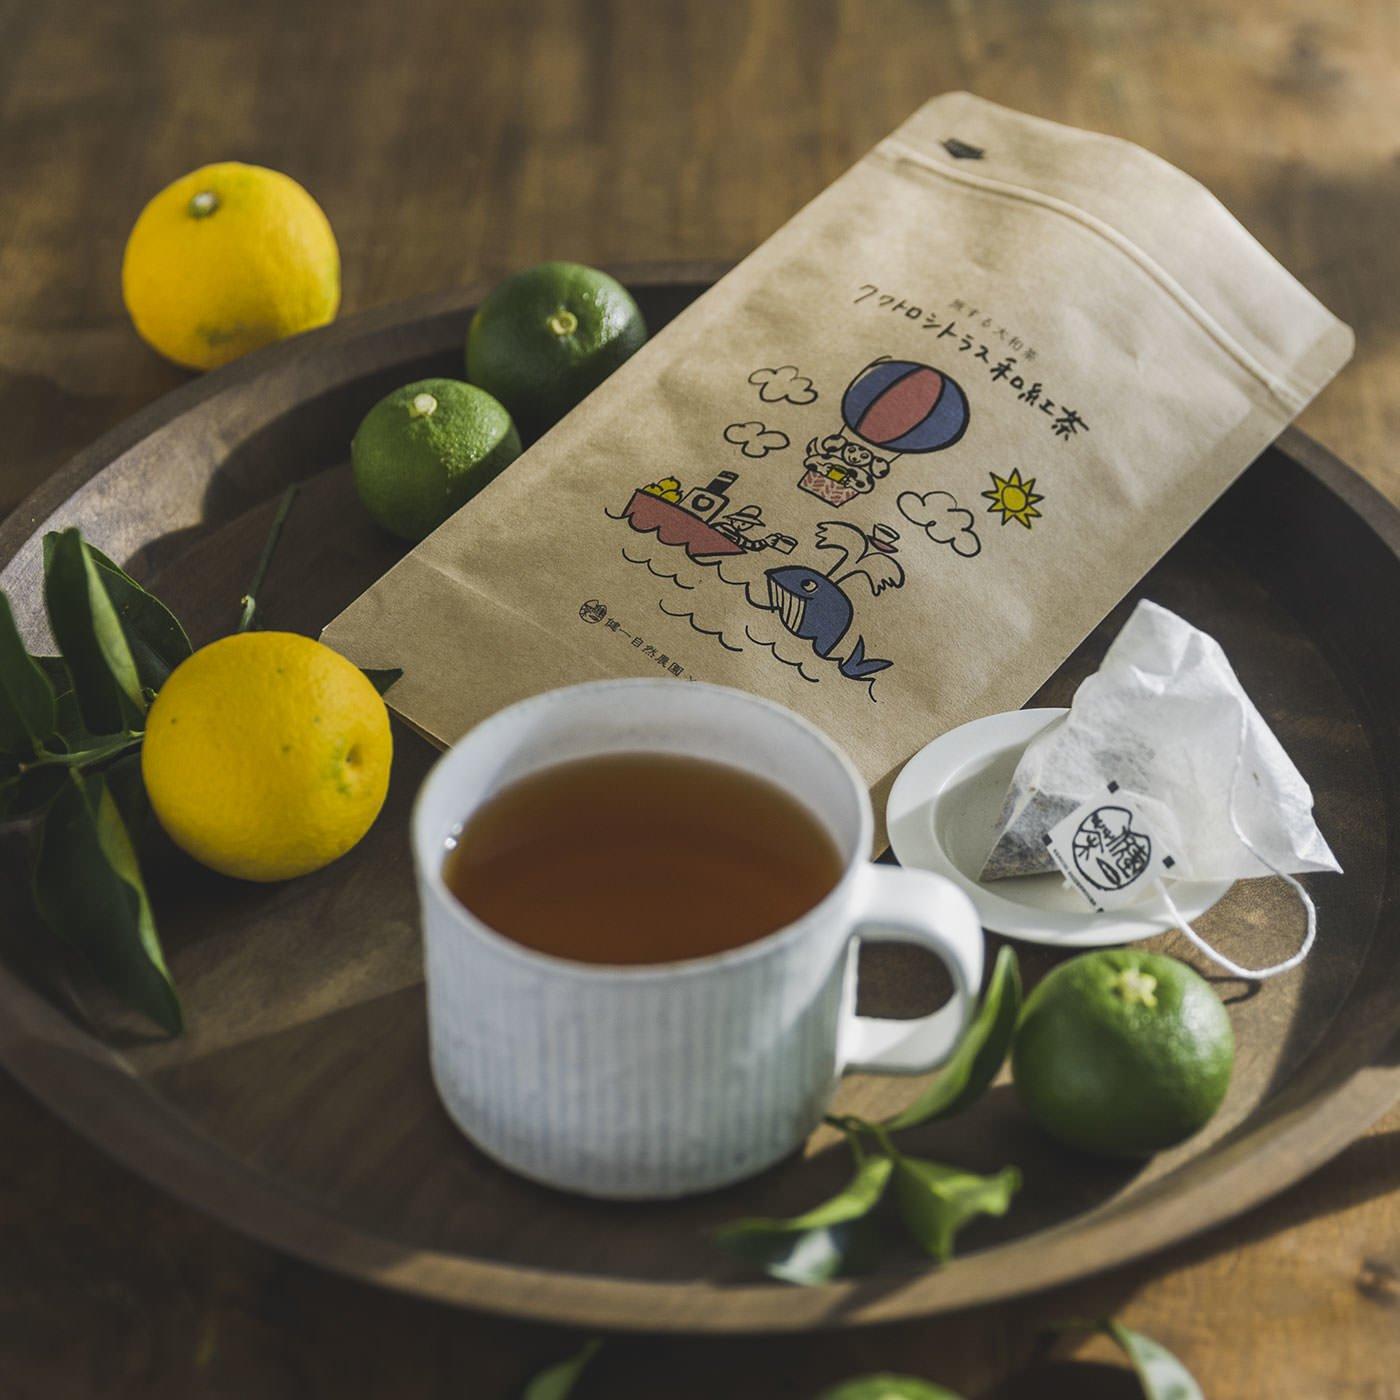 健一自然農園×フェリシモ 旅する大和茶セット〈ティーバッグ〉の会